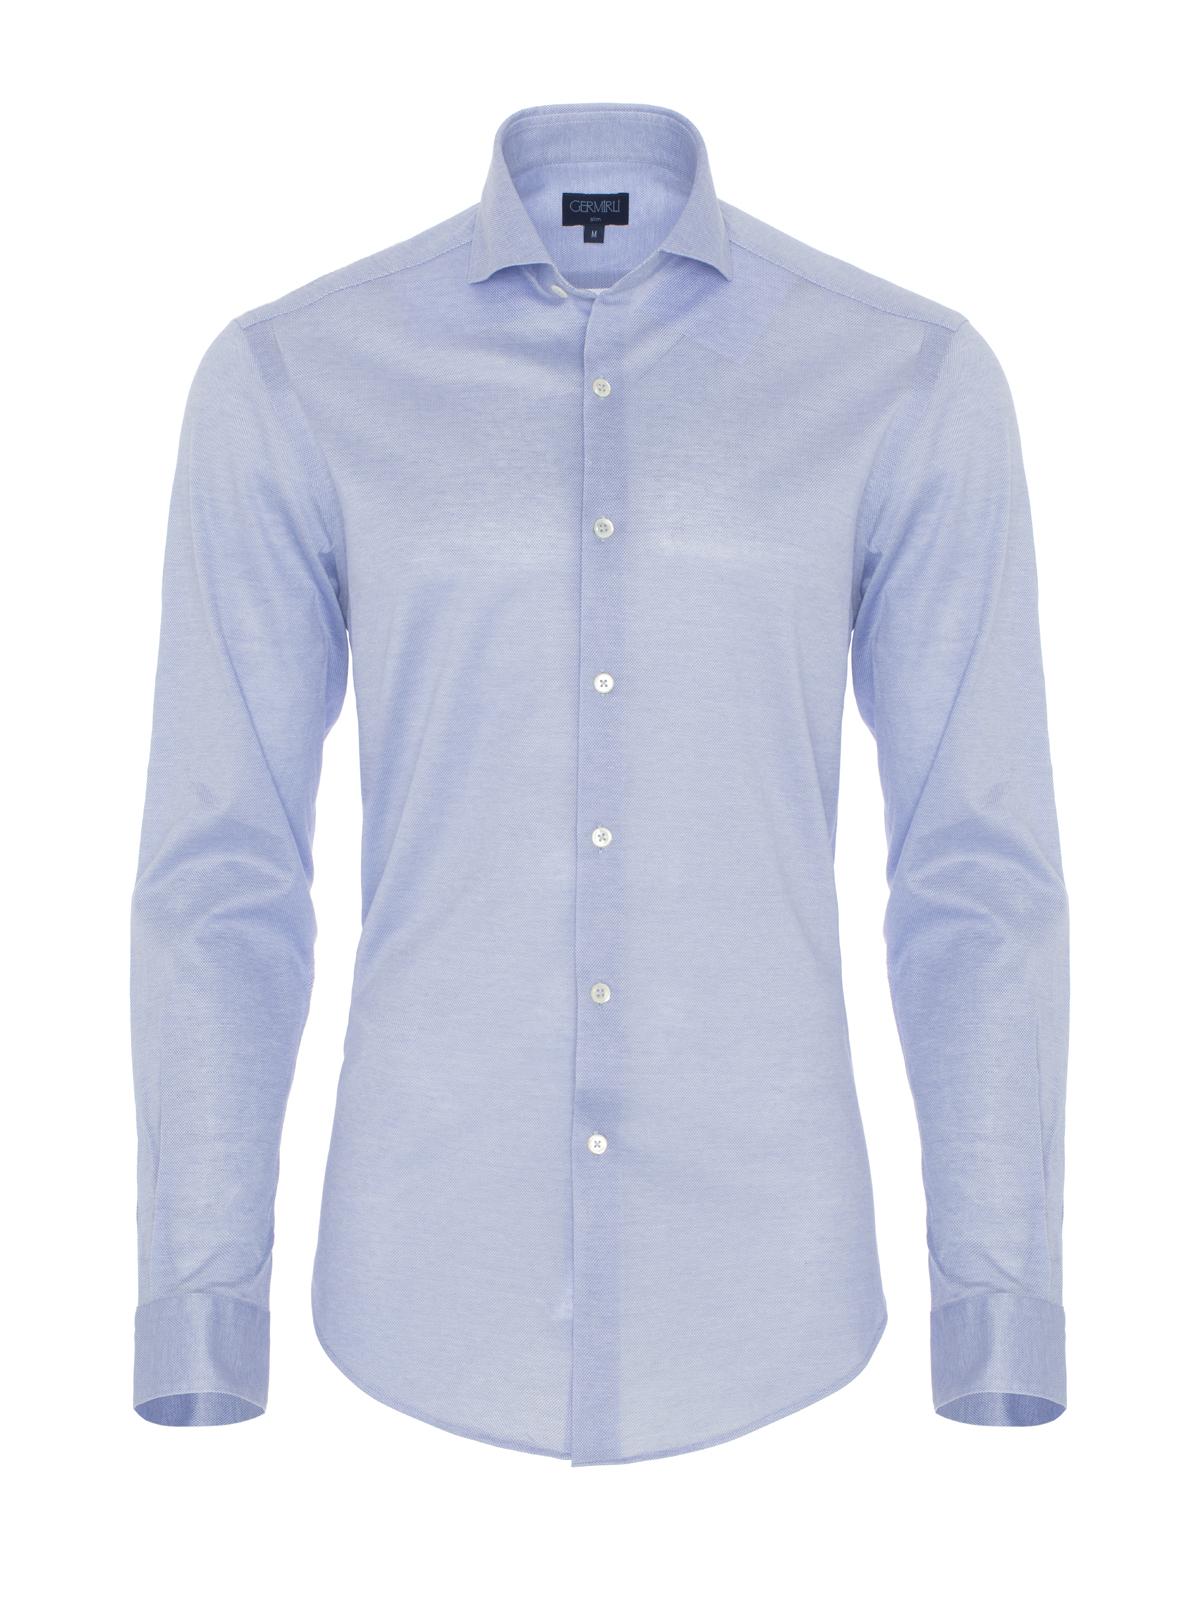 Germirli Açık Mavi Klasik Yaka Piquet Örme Slim Fit Gömlek